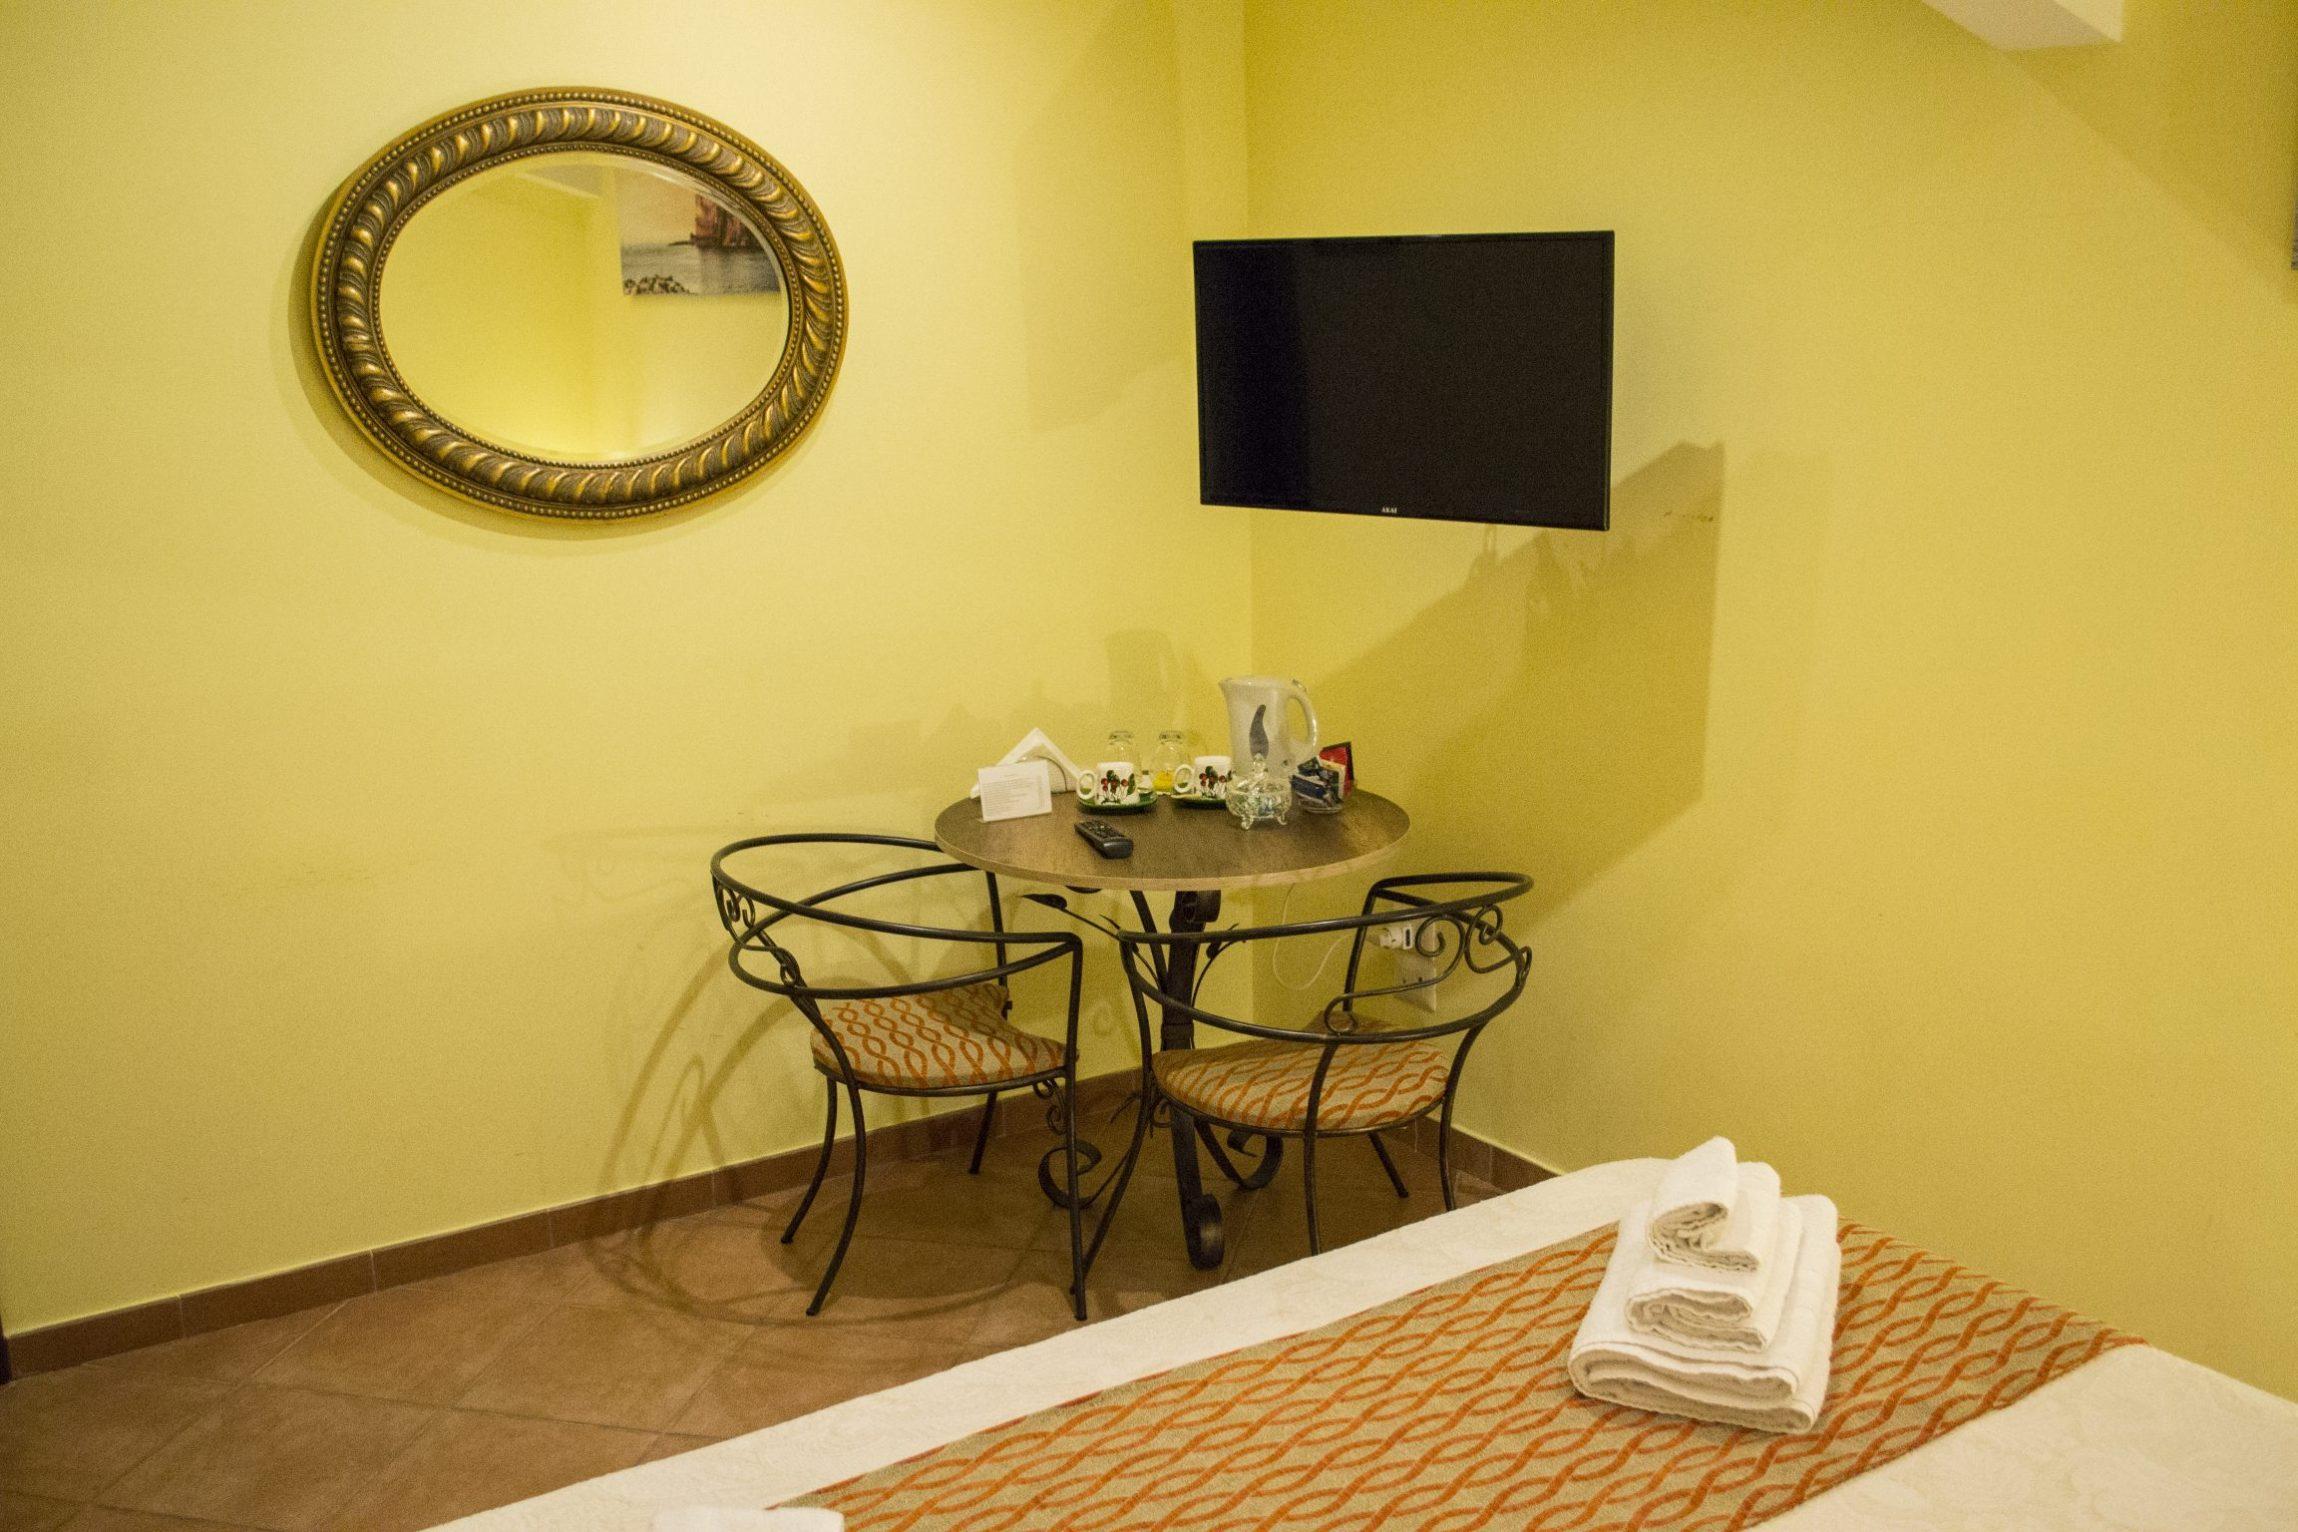 camera, marimoniale, la gemma, napoli, tavolo, sedie, tv led, specchio, dettagli